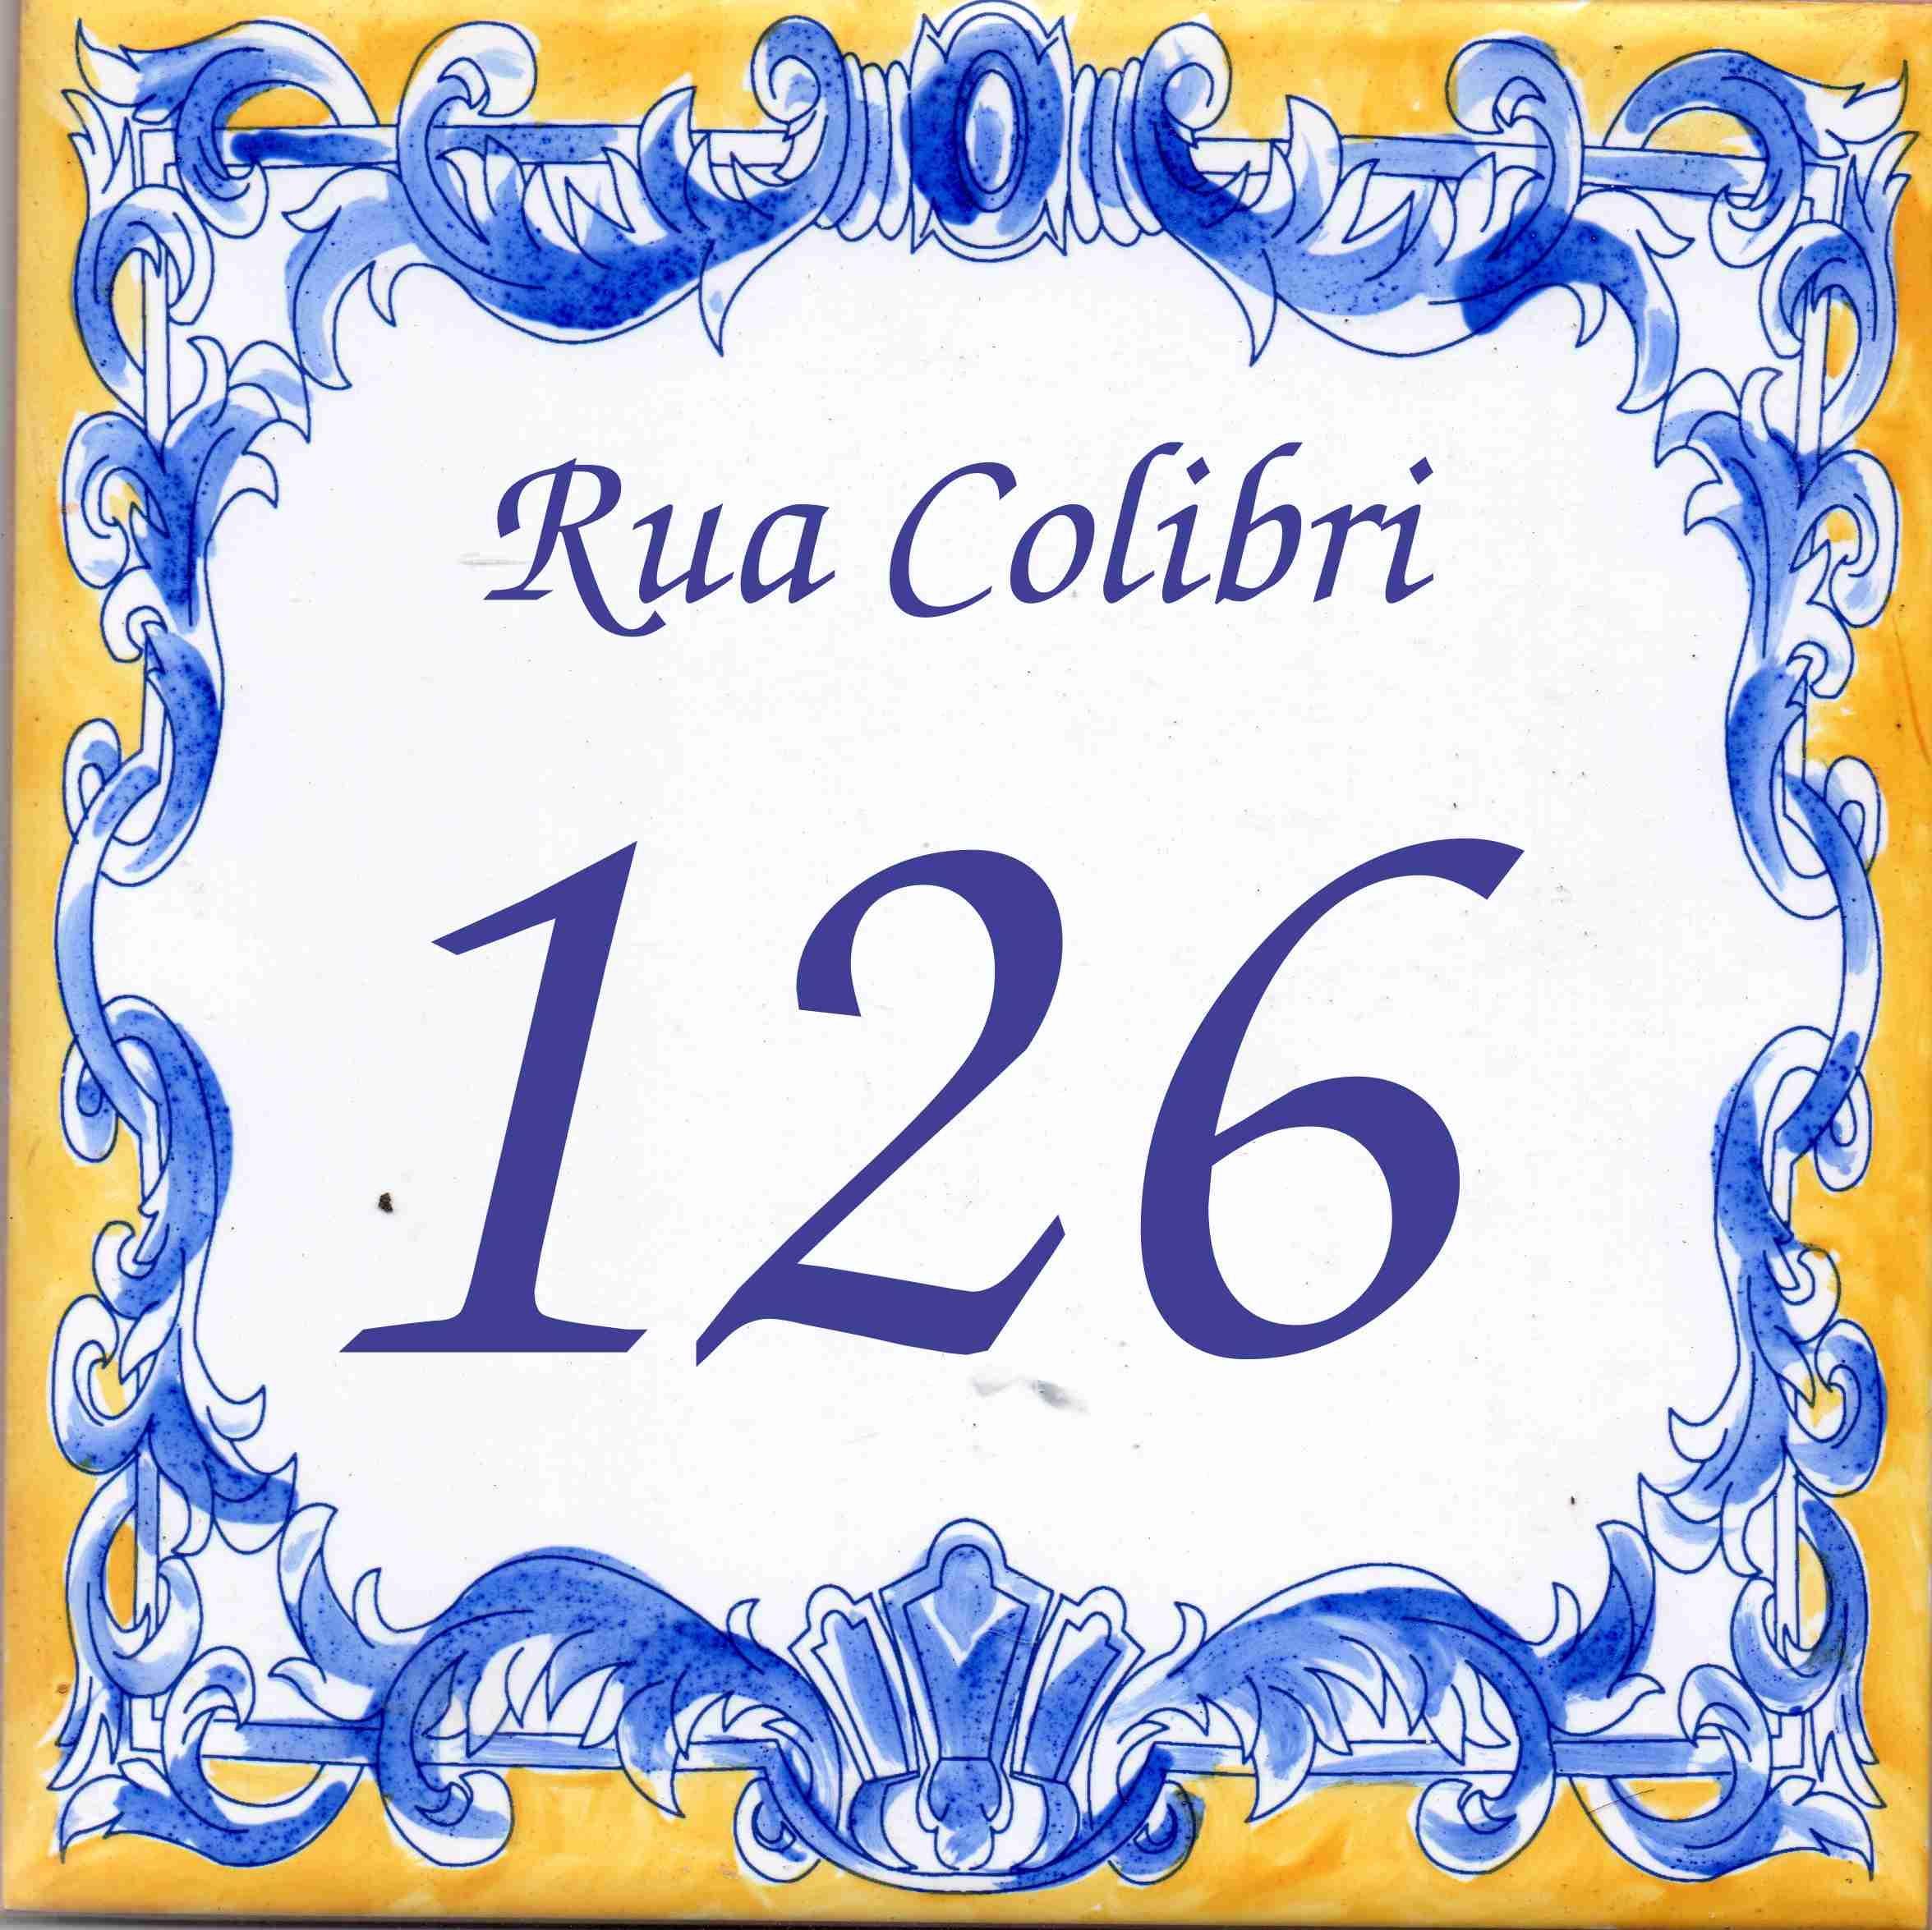 N mero para casa em azulejo estilo portugues portugal for Azulejo numero casa